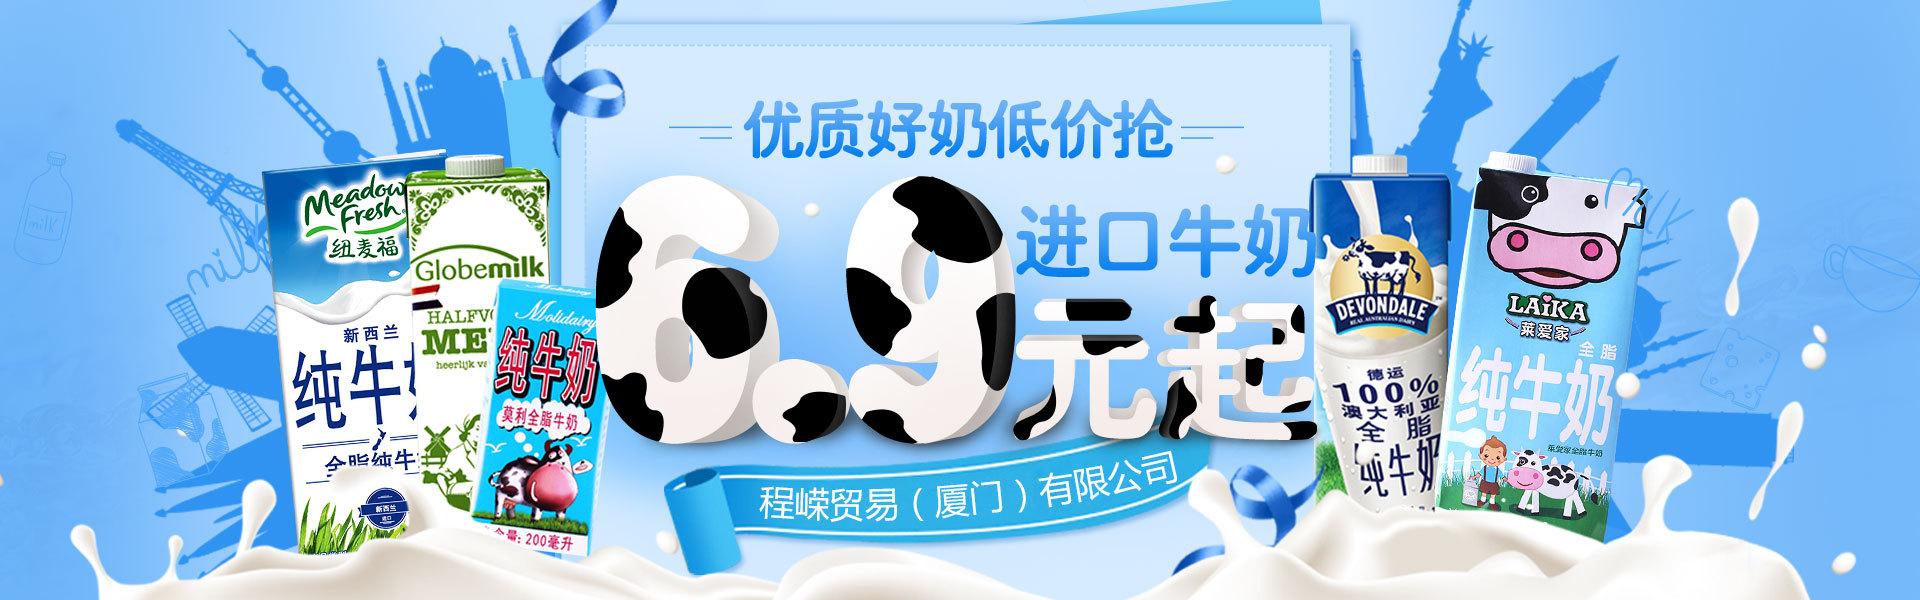 程嵘贸易(厦门)有限公司主营产品有:澳大利亚宝利牛奶,新西兰纽麦福牛奶,香港克努特曲奇,小王子,姆明曲奇等进口食品